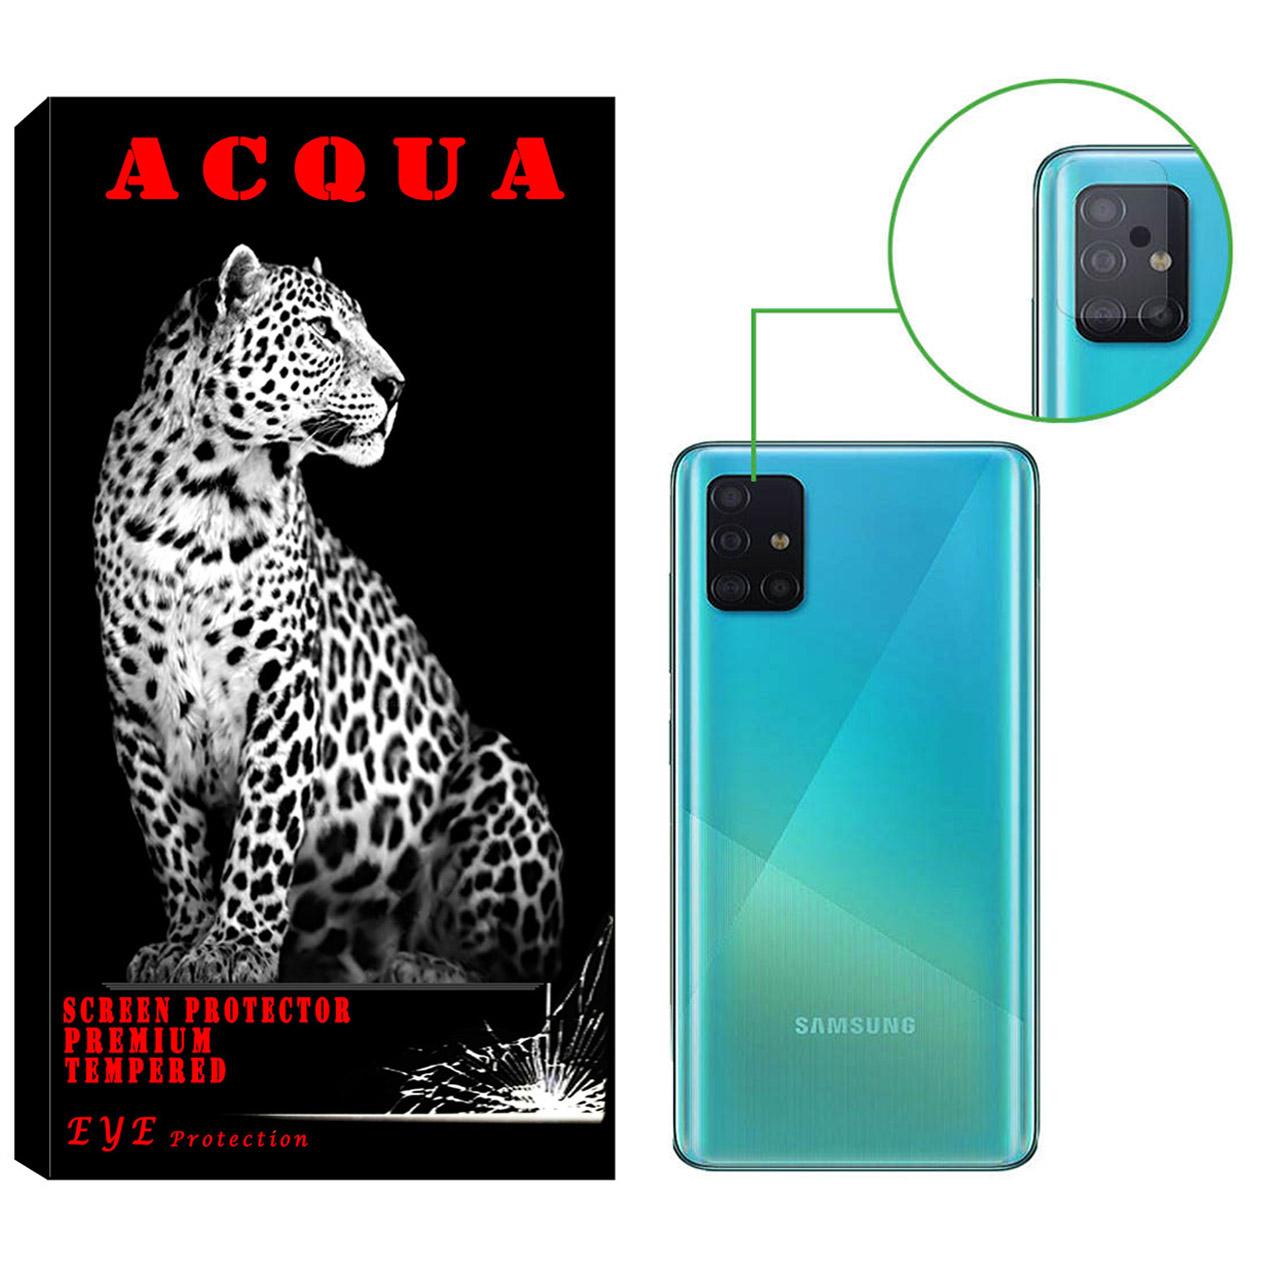 محافظ لنز دوربین آکوا مدل LN مناسب برای گوشی موبایل سامسونگ  Galaxy A51